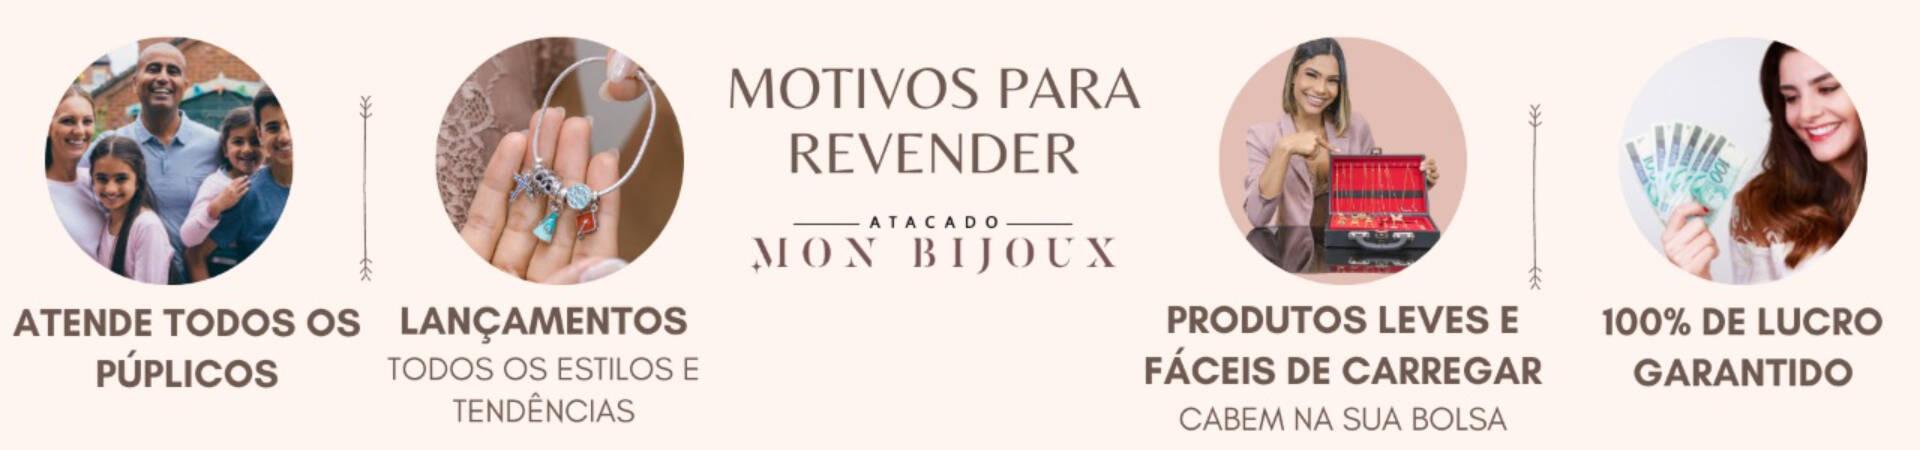 MOTIVOS PARA REVENDER E LUCRO 100